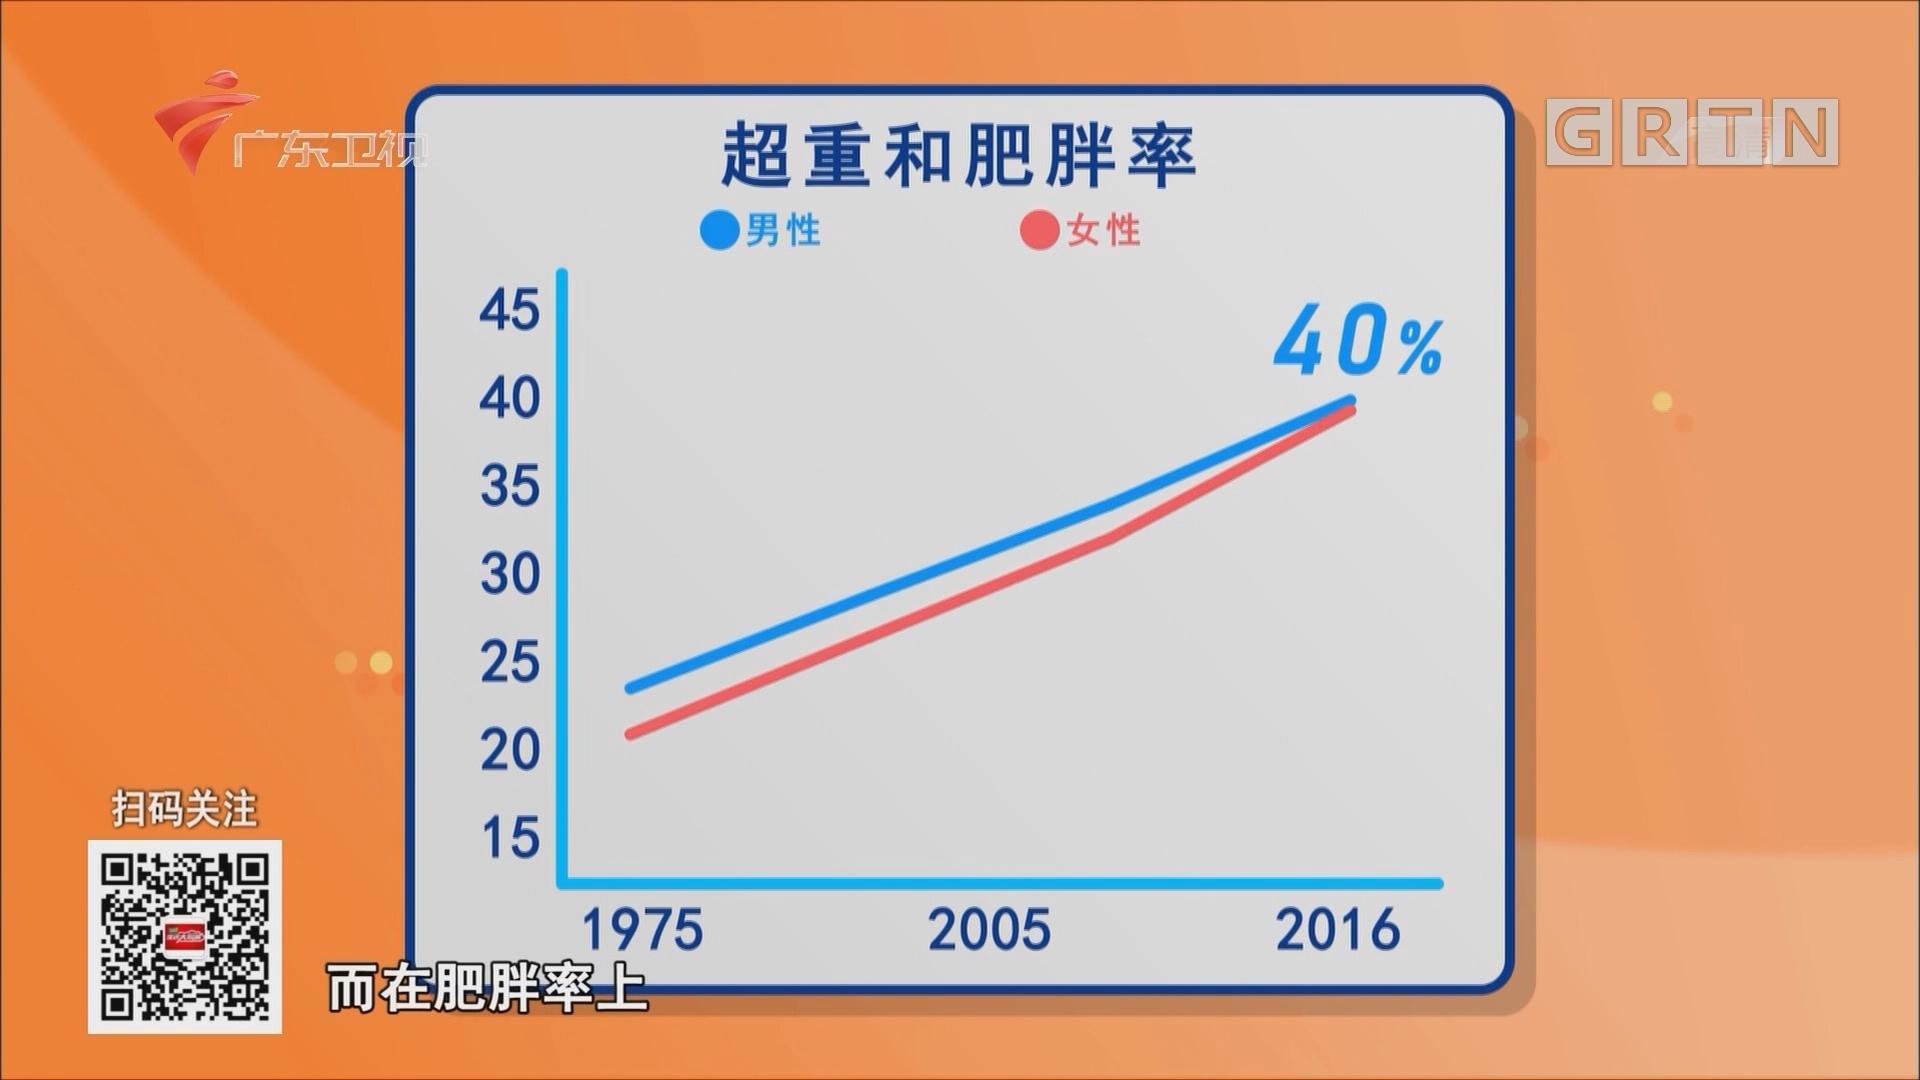 肥胖的人越来越多